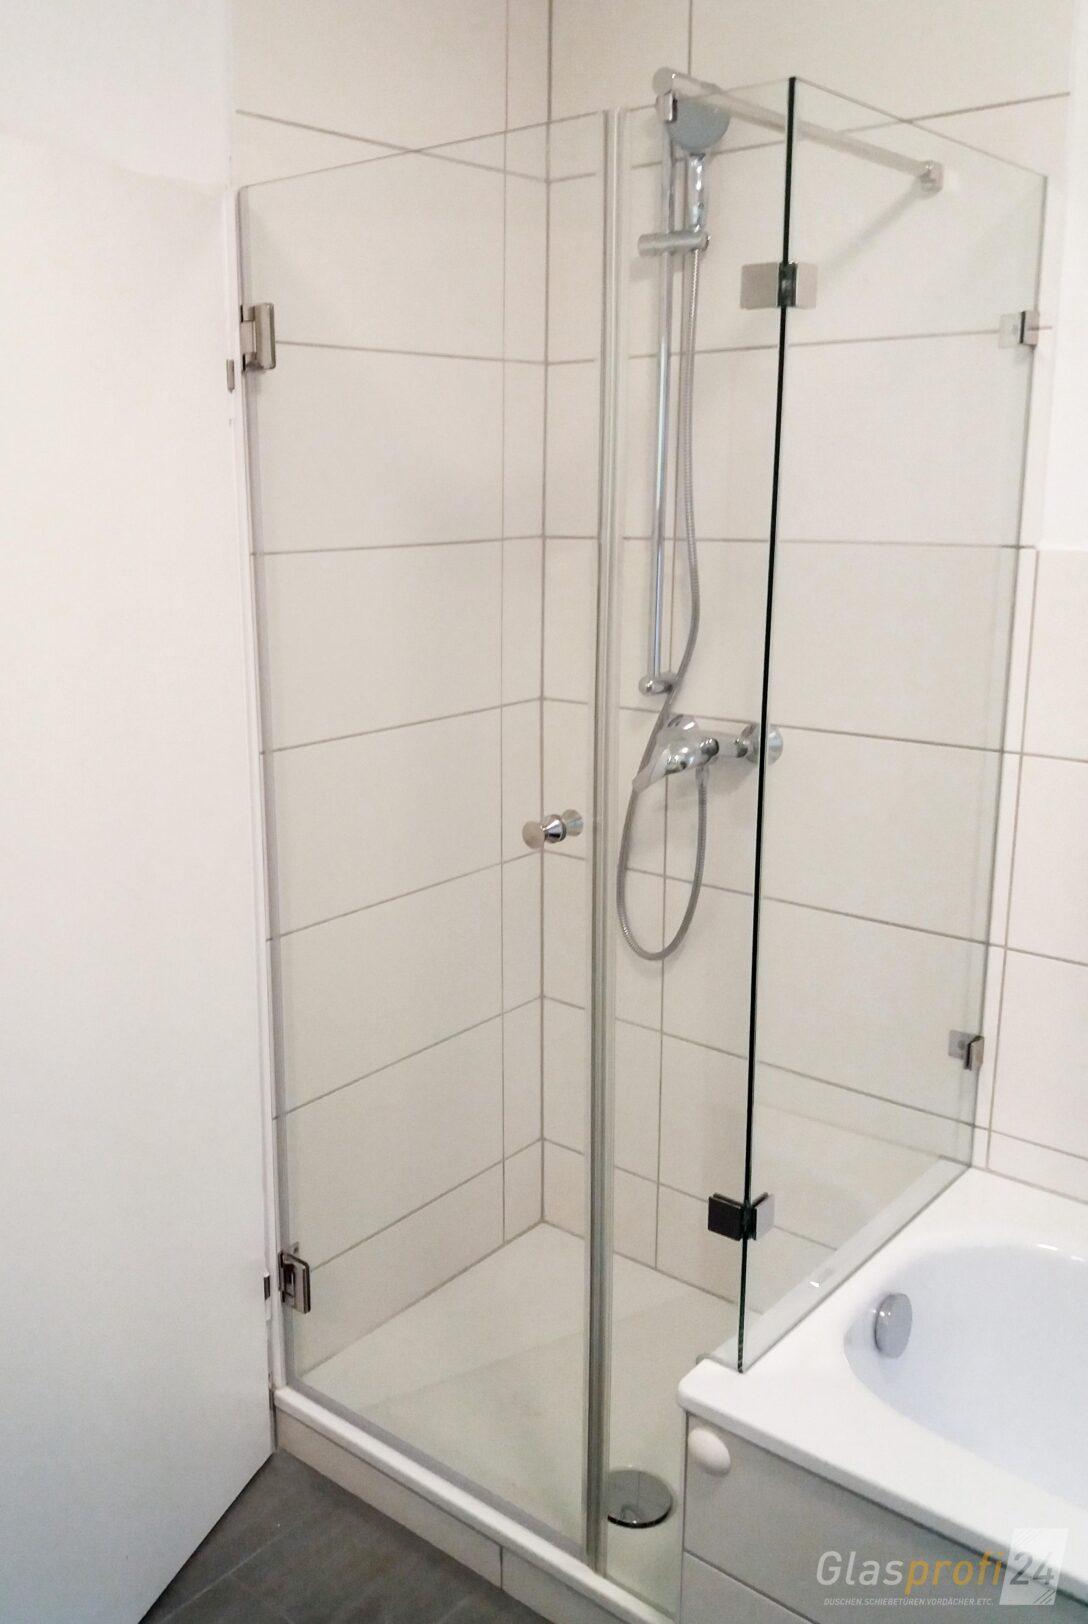 Large Size of Dusche An Badewanne Glasprofi24 Koralle Begehbare Ohne Tür Mischbatterie Schiebetür Bodengleiche Nachträglich Einbauen Glastrennwand Ebenerdige 90x90 Dusche Schiebetür Dusche